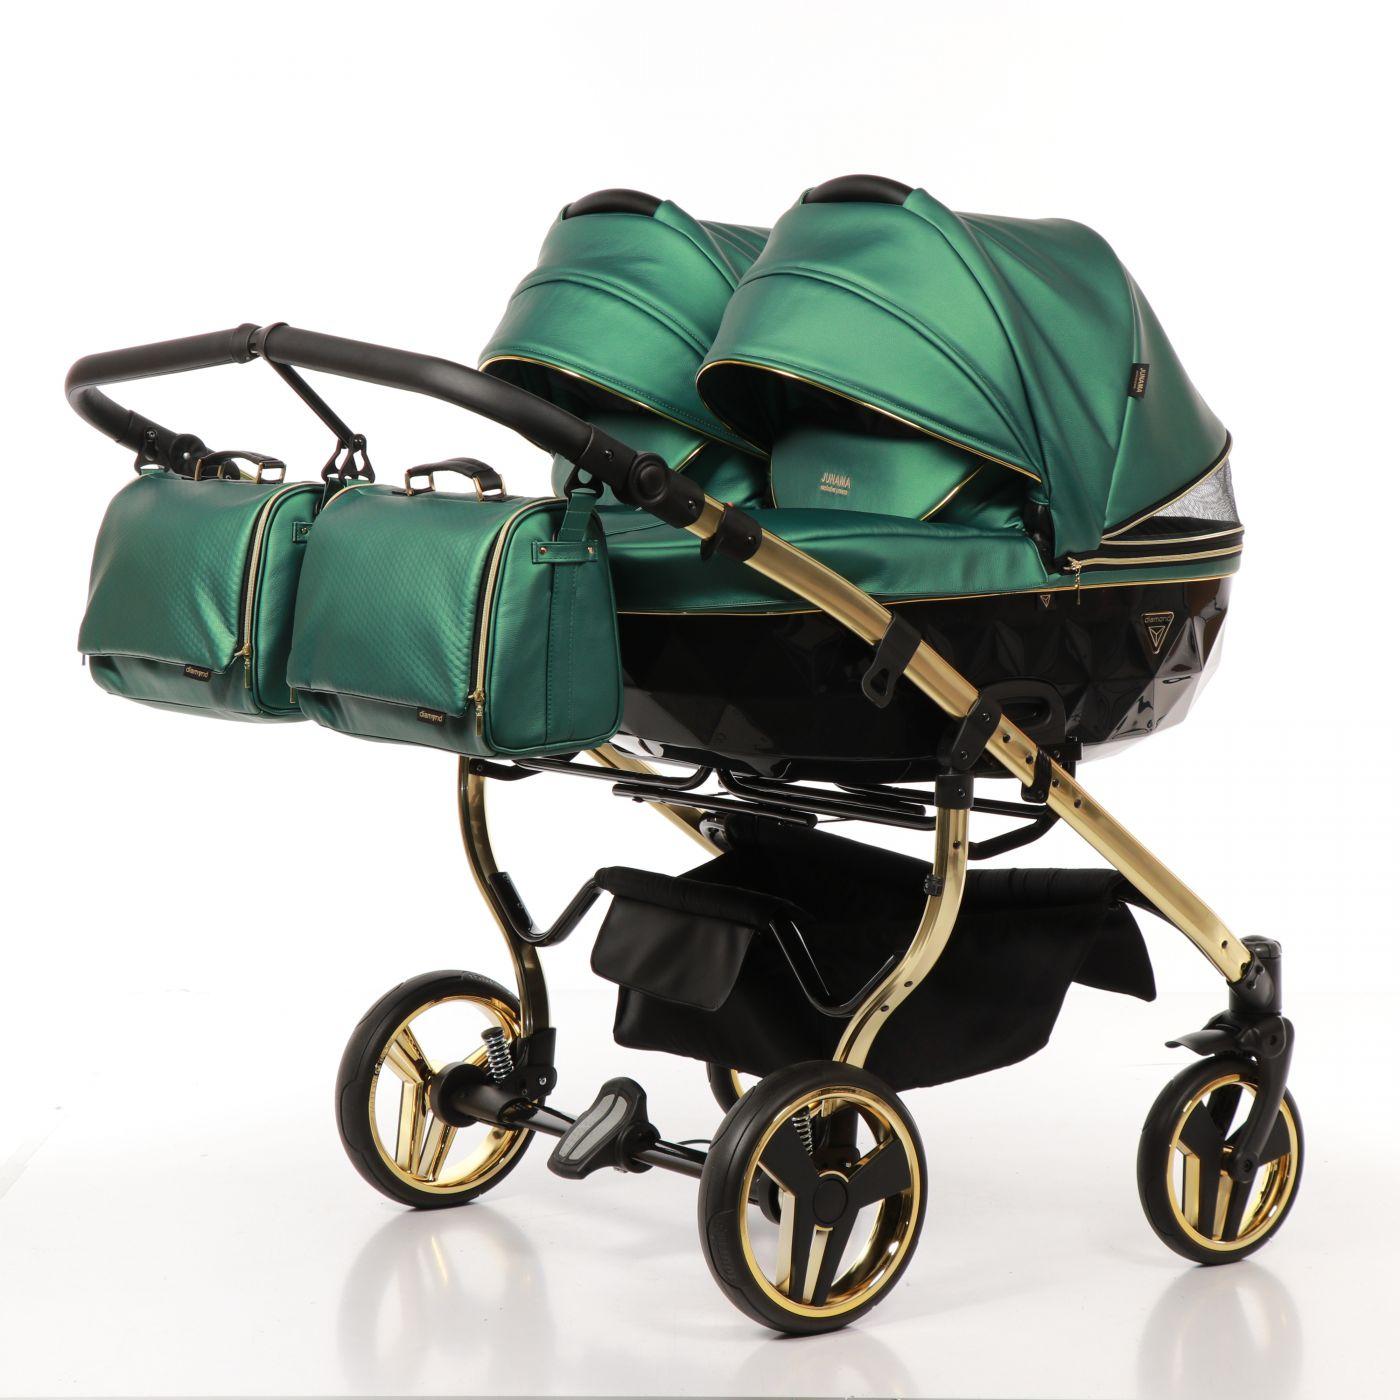 JUNAMA FLUO LINE DUO JDFL-02 Коляска детская 2 в 1 (кожа зеленый/короб черный/рама золото)